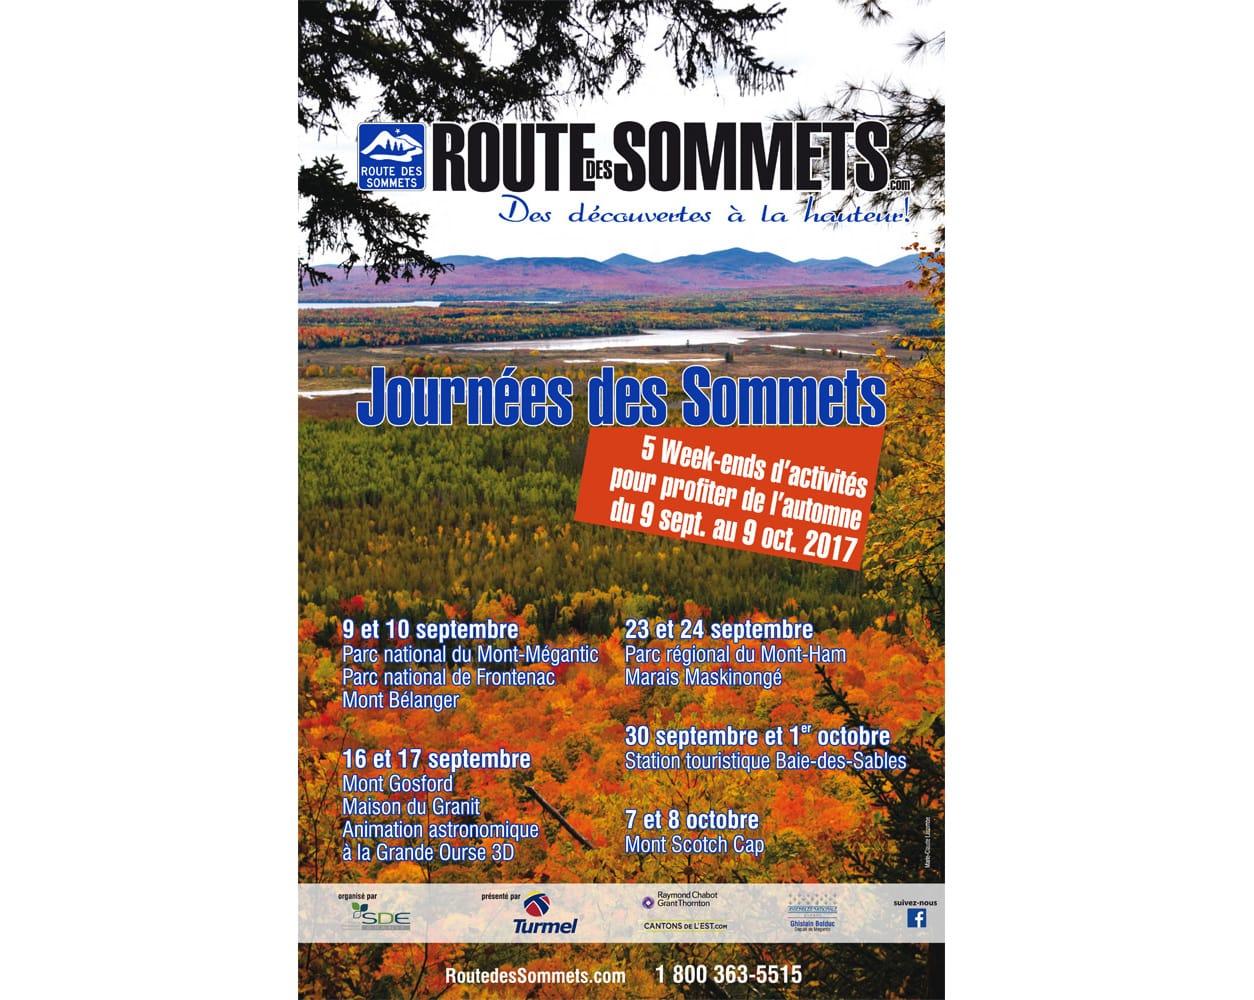 Les Journées des Sommets, 7 et 8 octobre